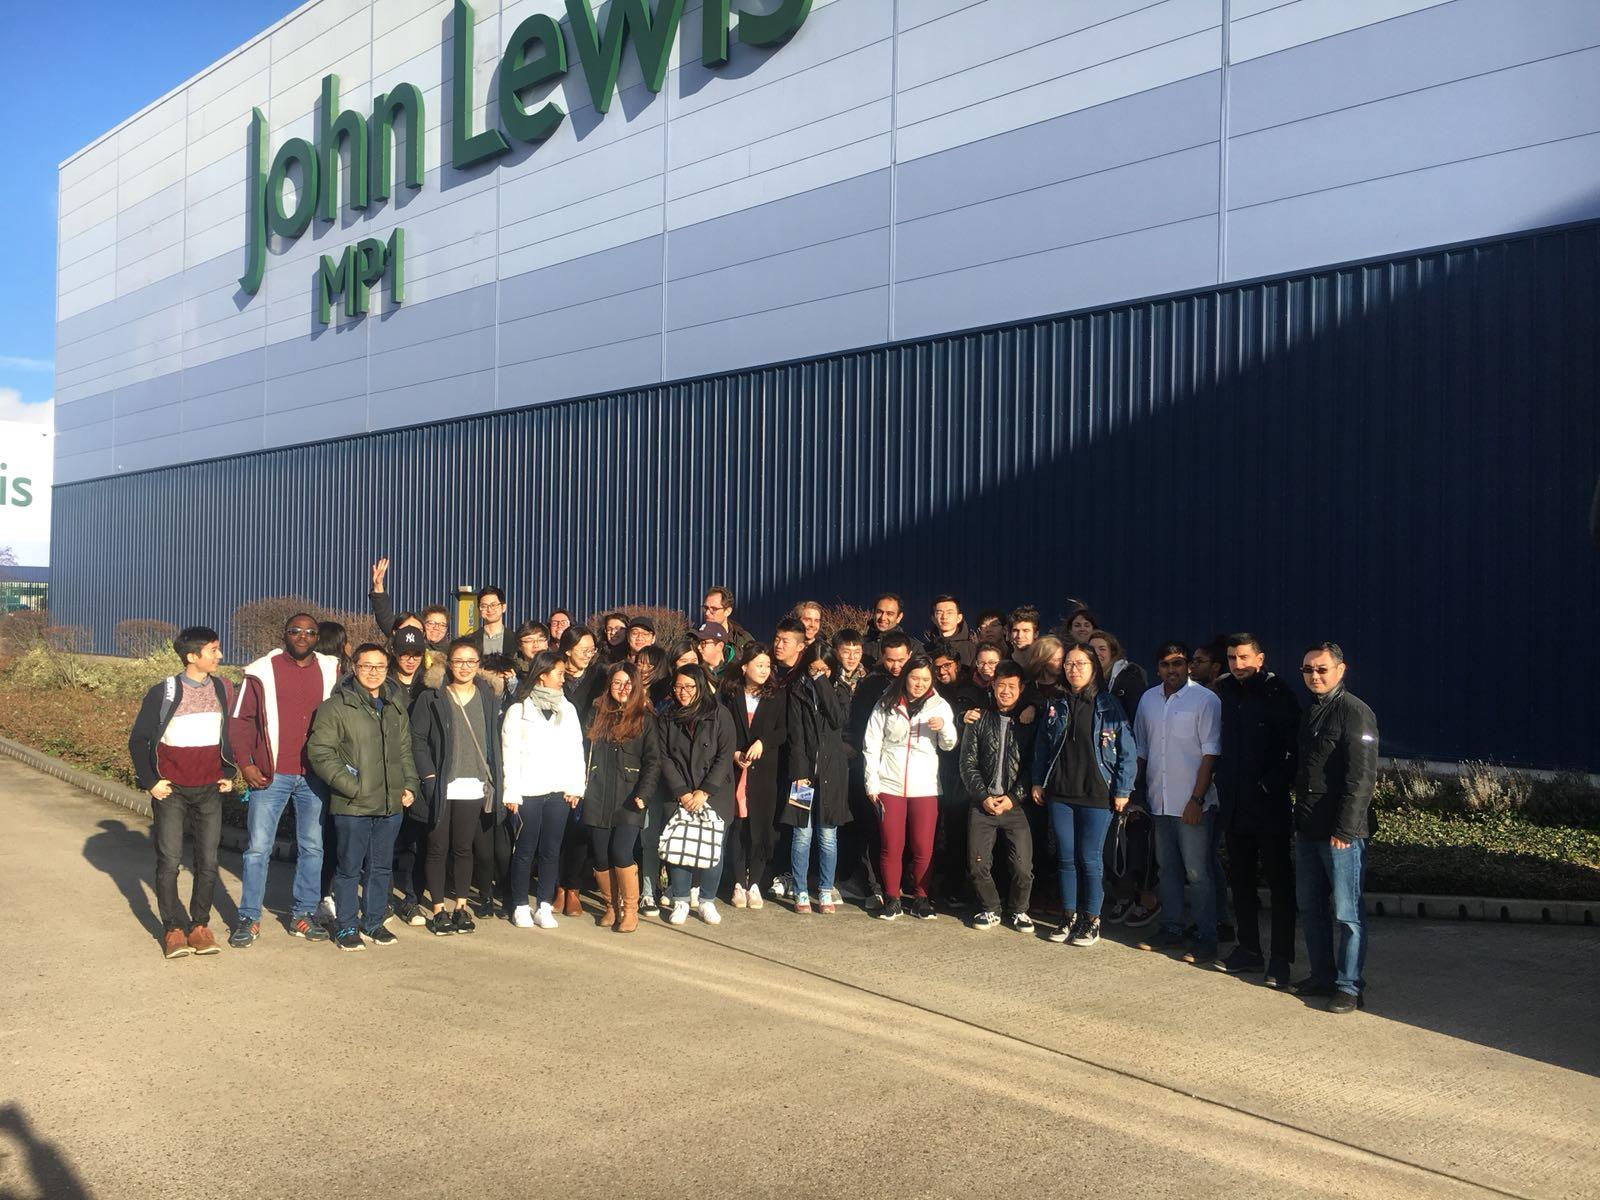 John Lewis warehouse visit group photo